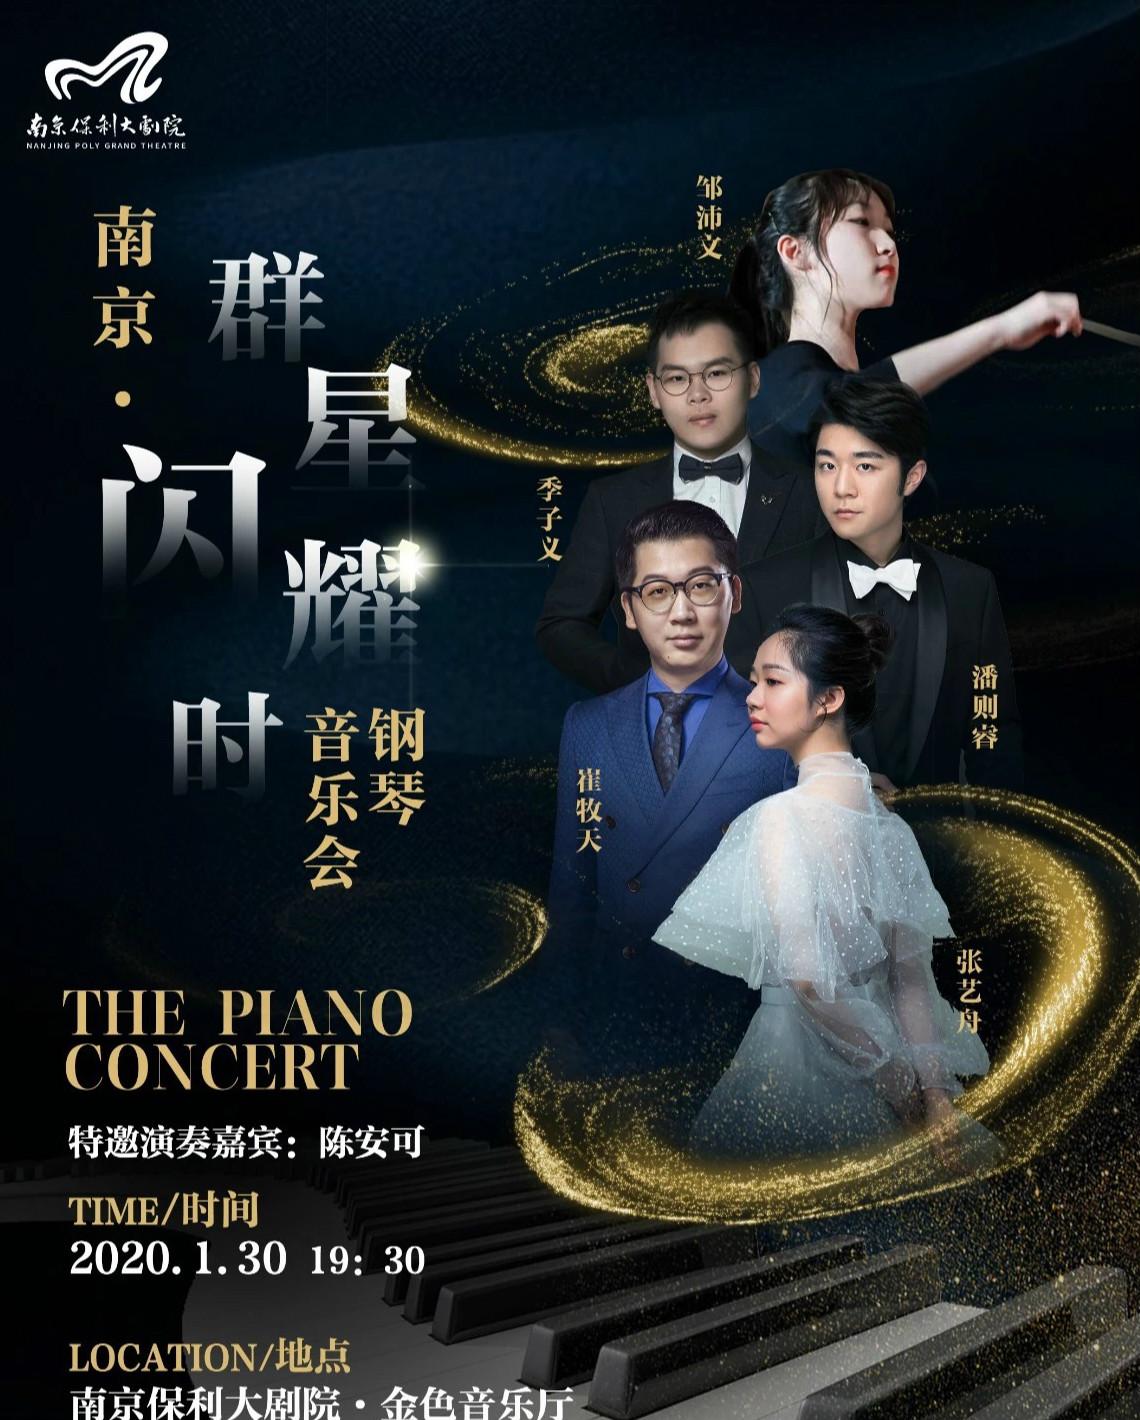 南京群星闪耀时钢琴音乐会